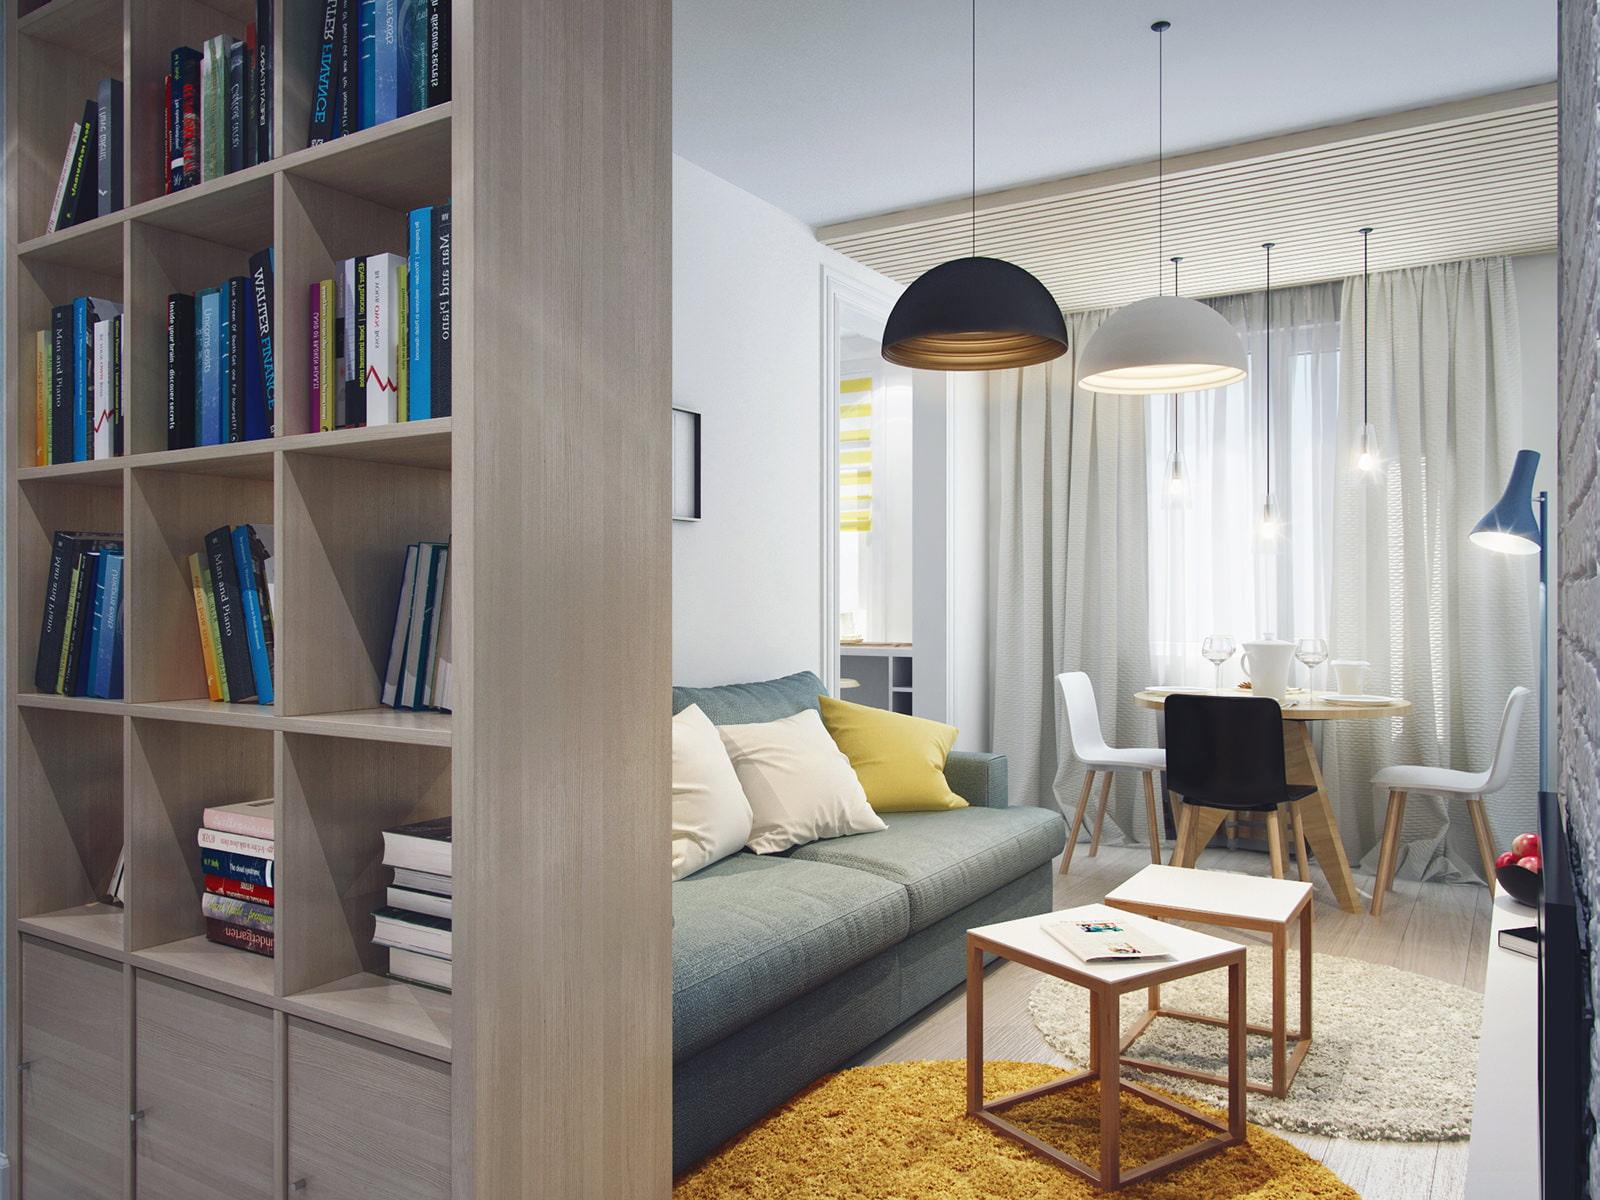 Дизайн типовой трешки ii - 49. гостиная и прихожая - интерье.